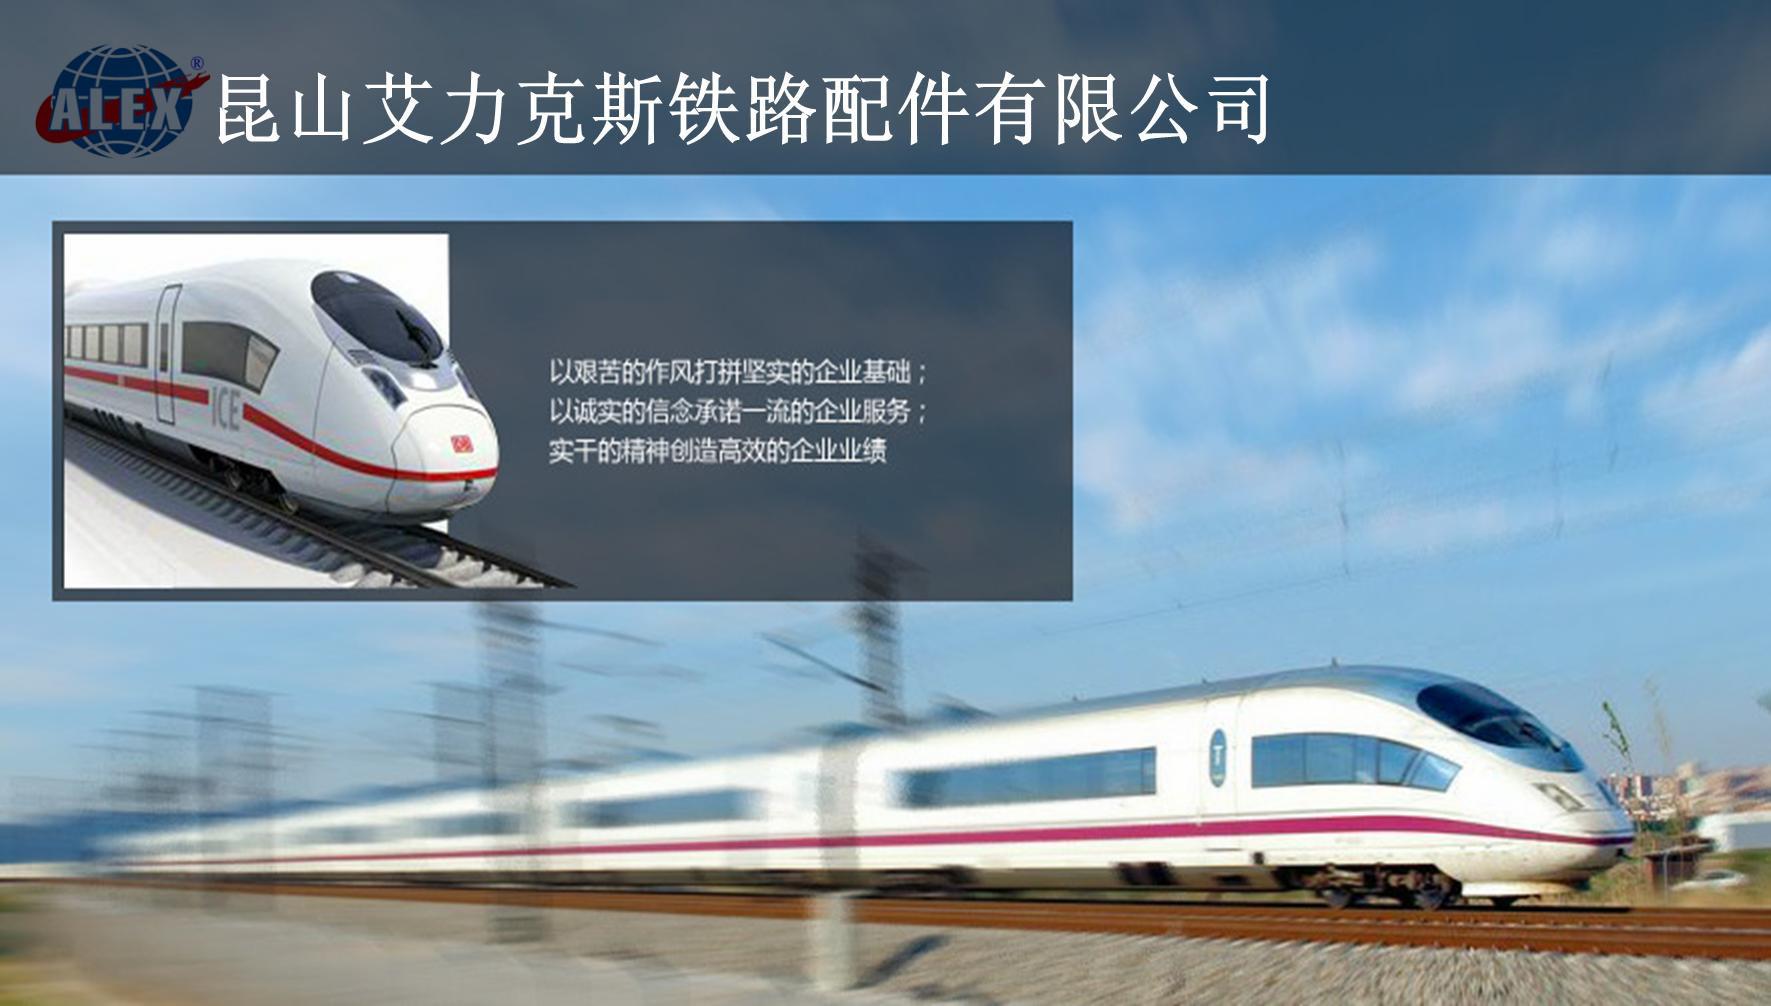 昆山艾力克斯铁路配件有限公司 企业文化